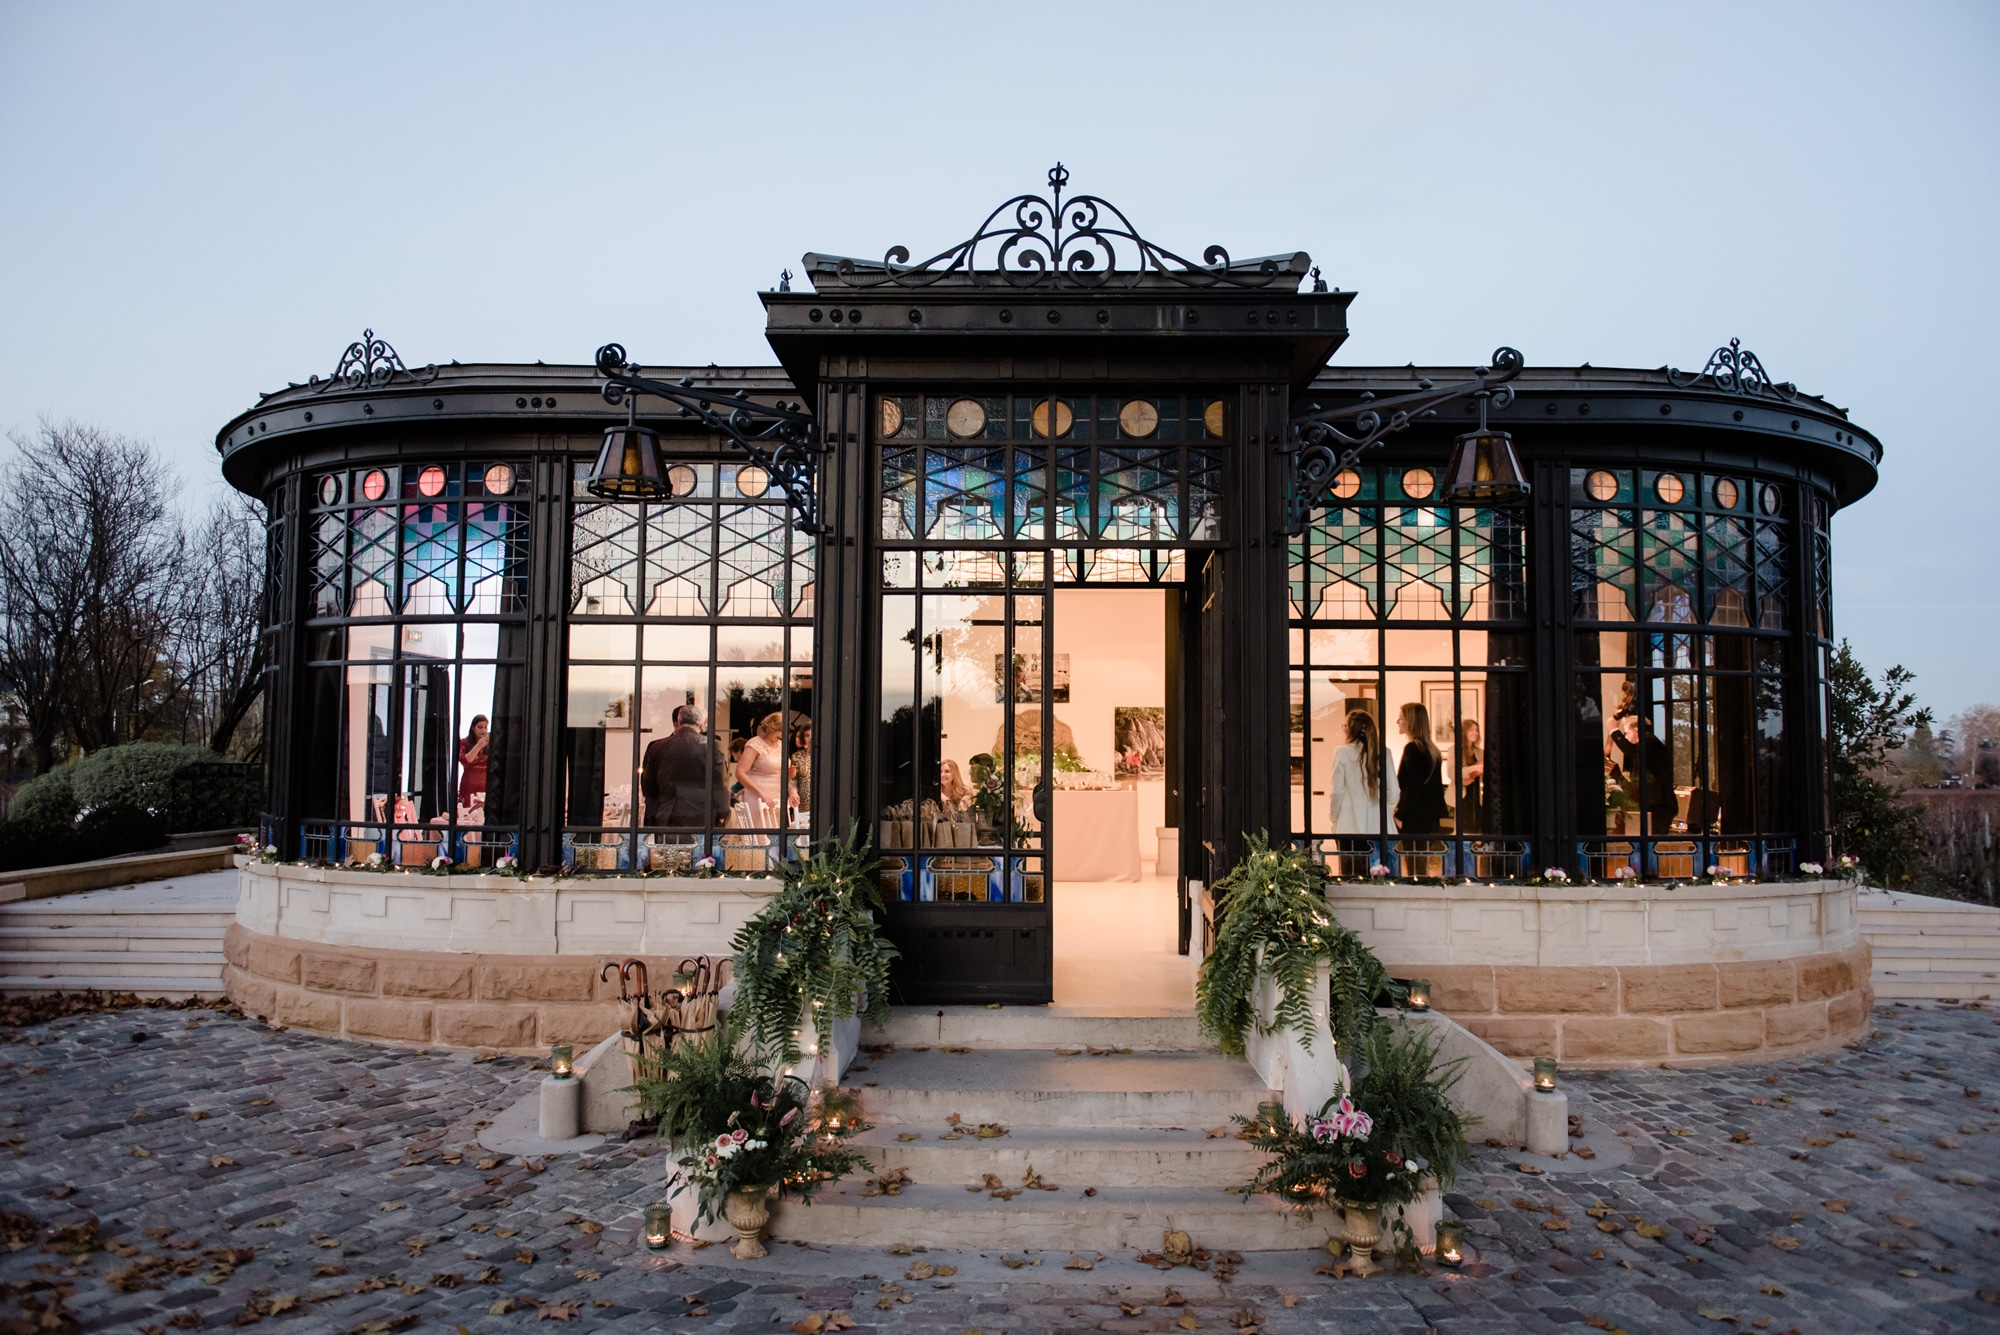 Wedding-venue-in-bordeaux-château-pape-clément-vineyards-glassroom